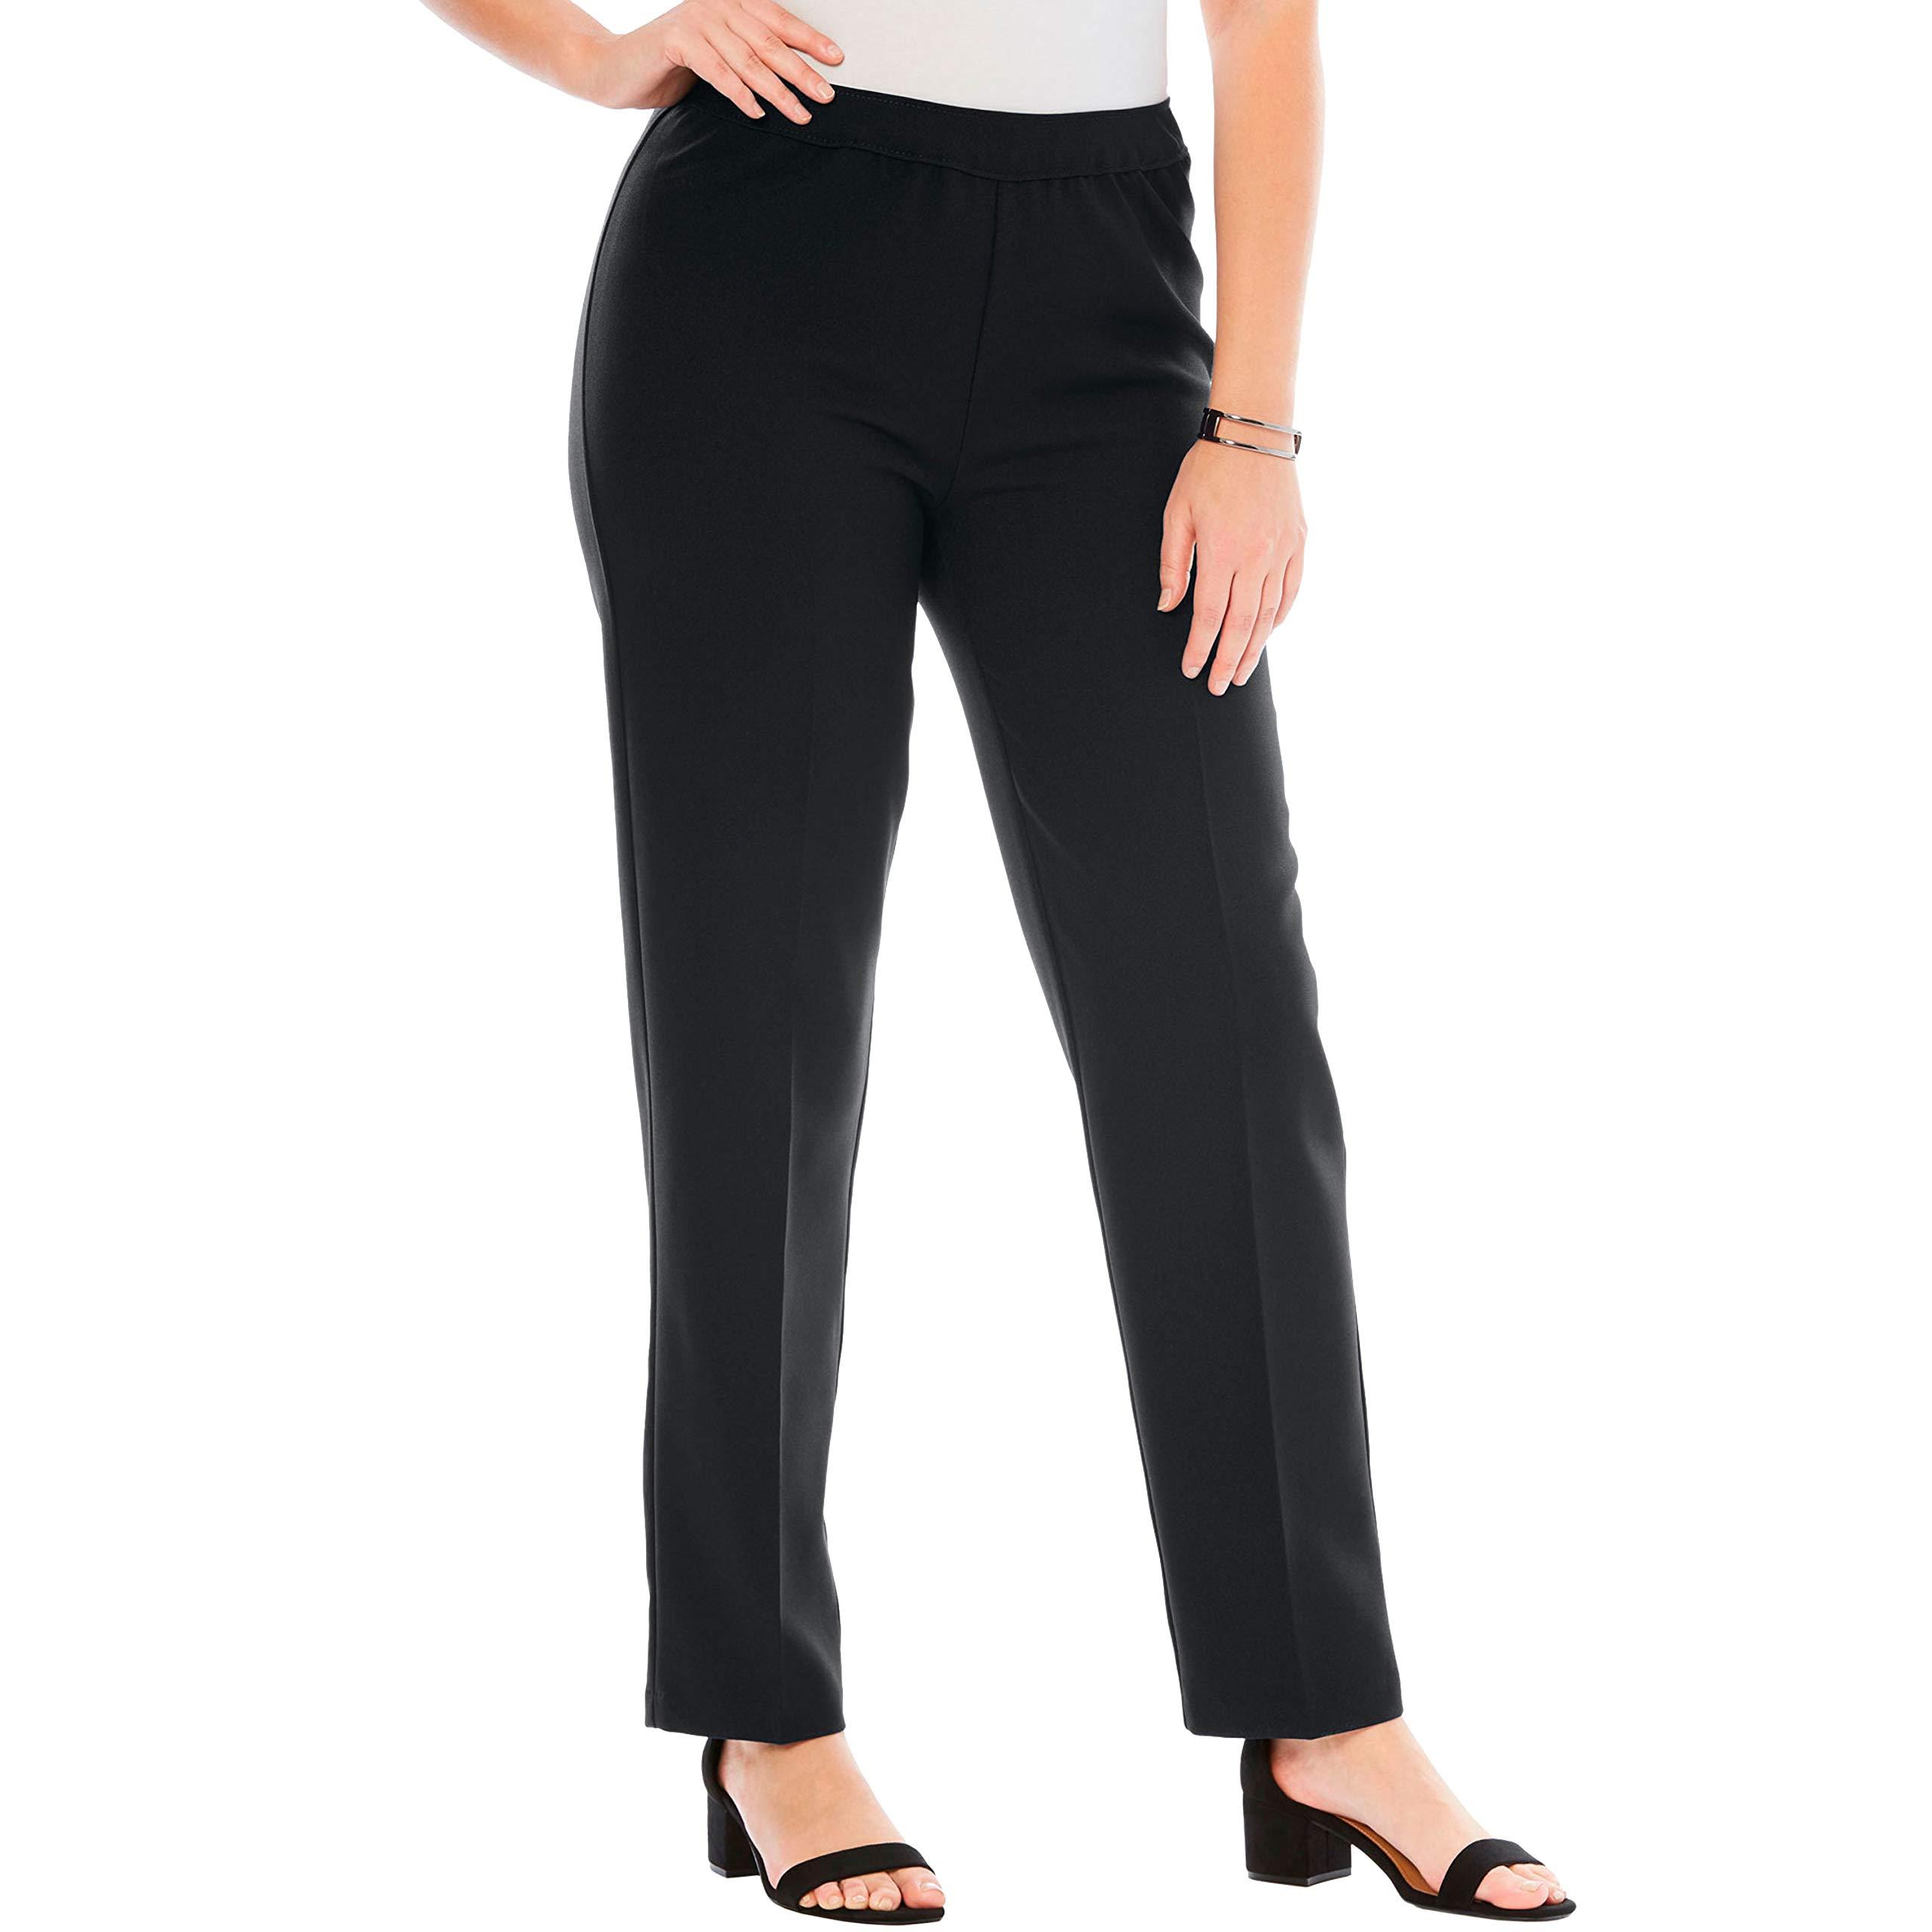 Roamans Women's Plus Size Petite Bend Over Classic Pant - Black, 20 WP by Roamans